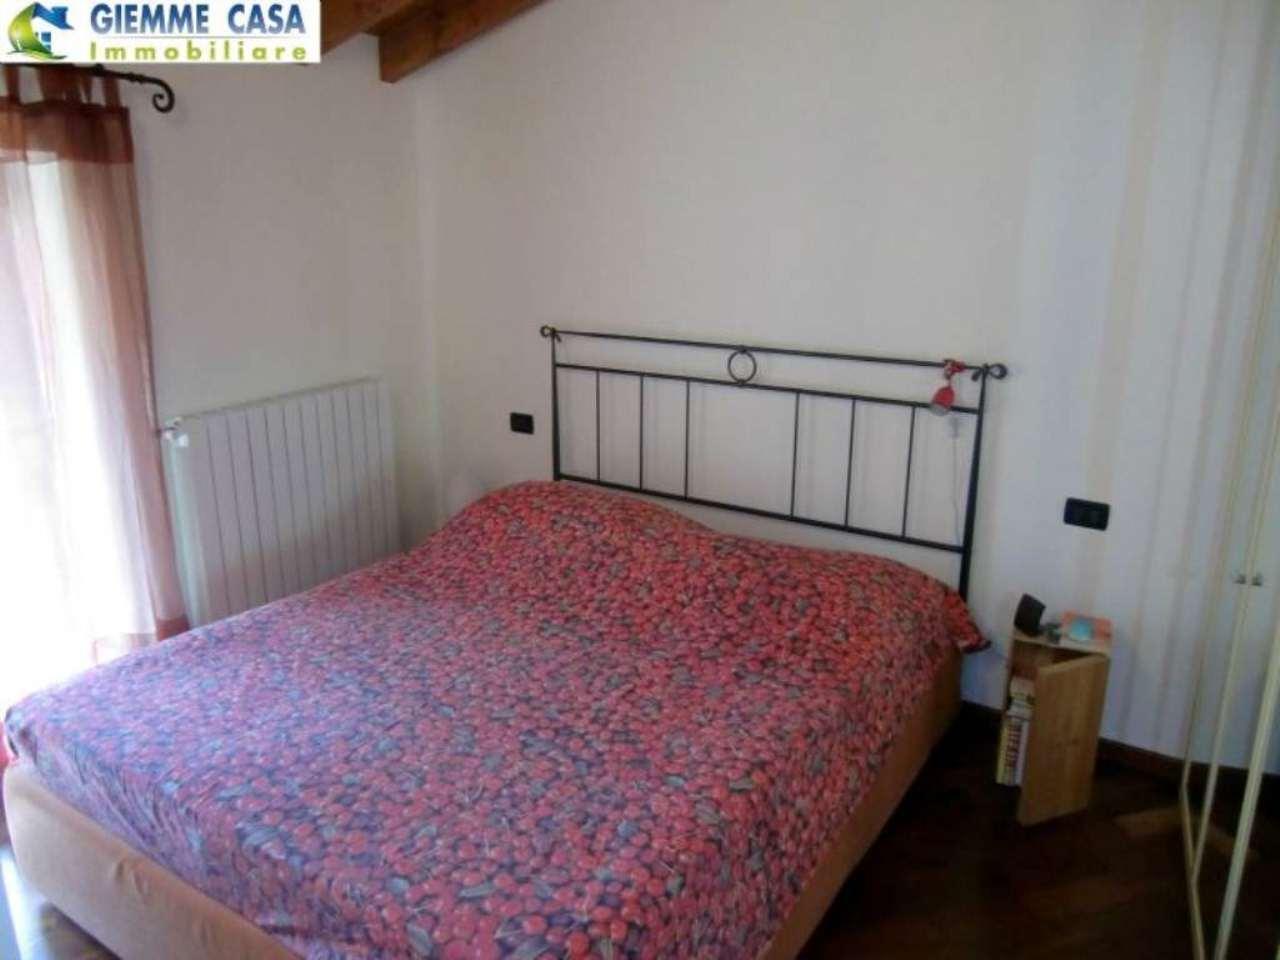 Bilocale Lonato Del Garda Via Montebello 10